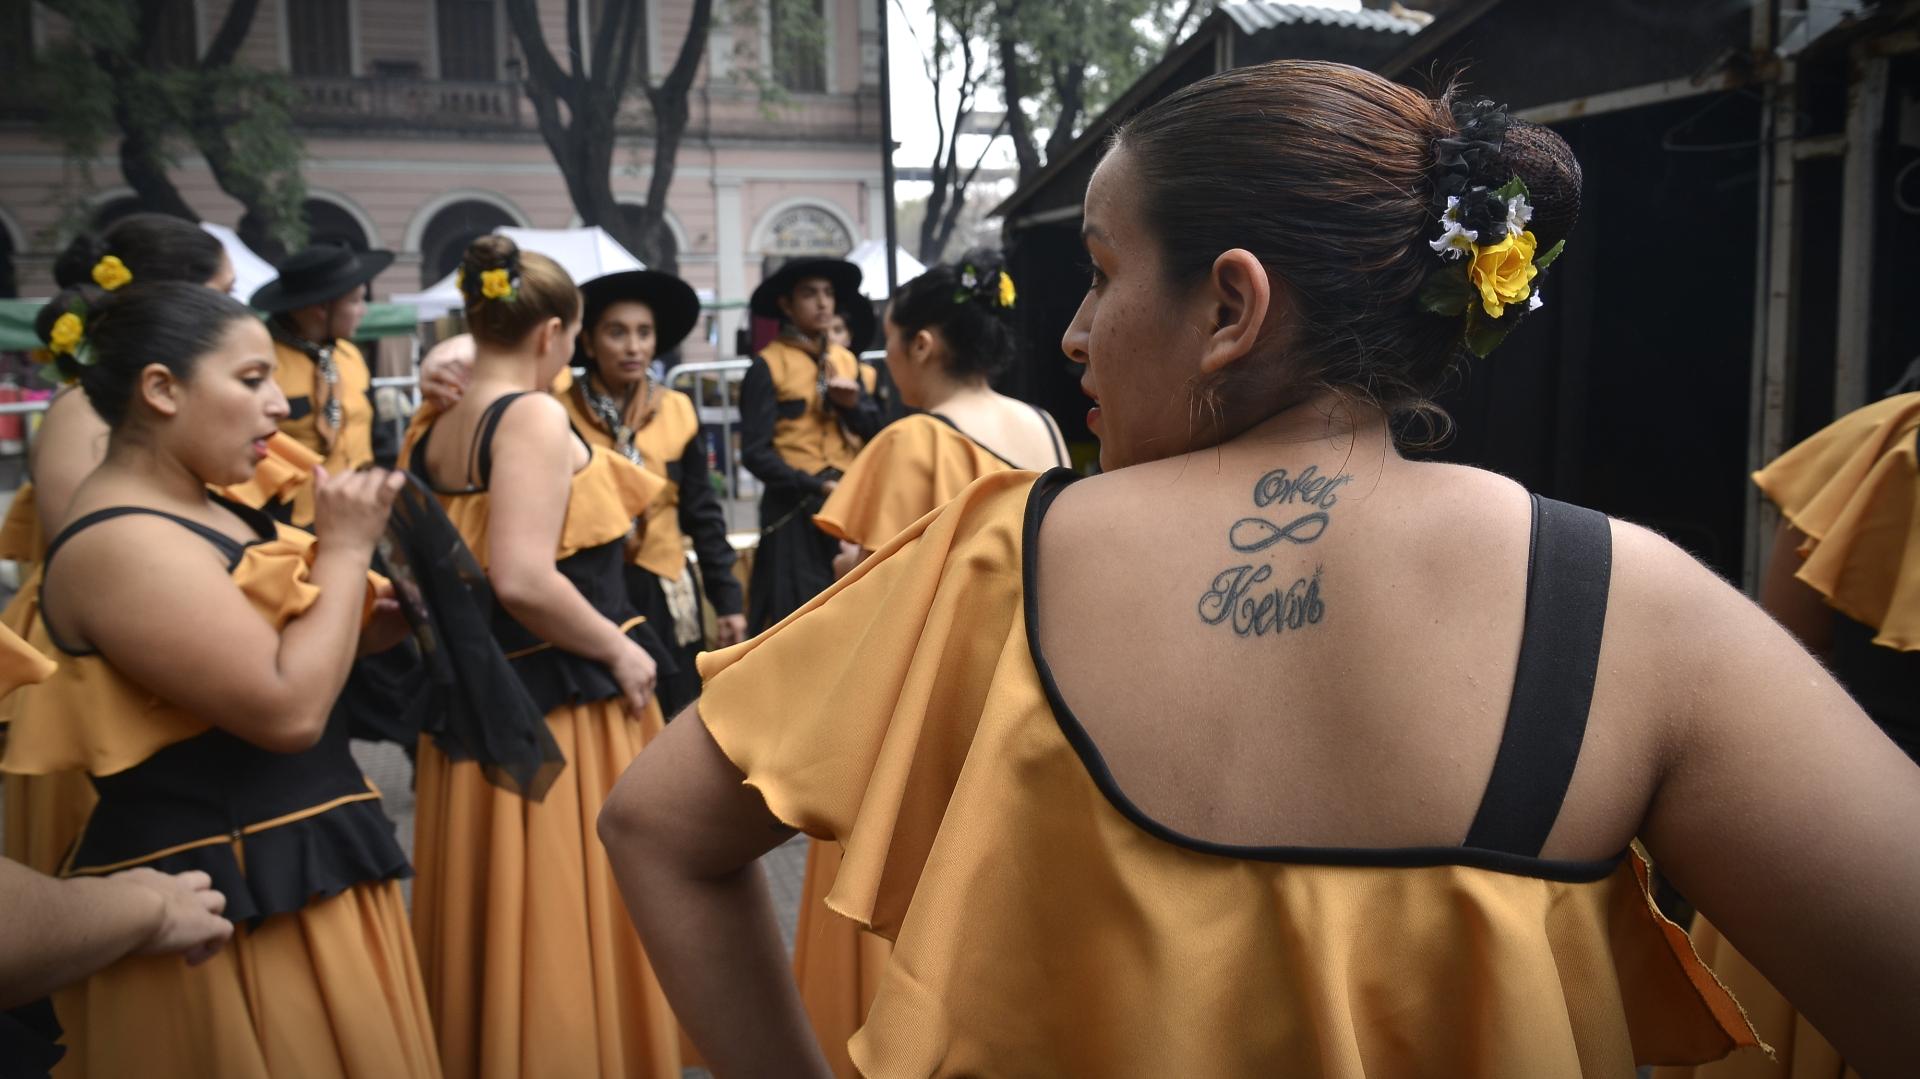 Un grupo de bailarinas antes de salir al escenario